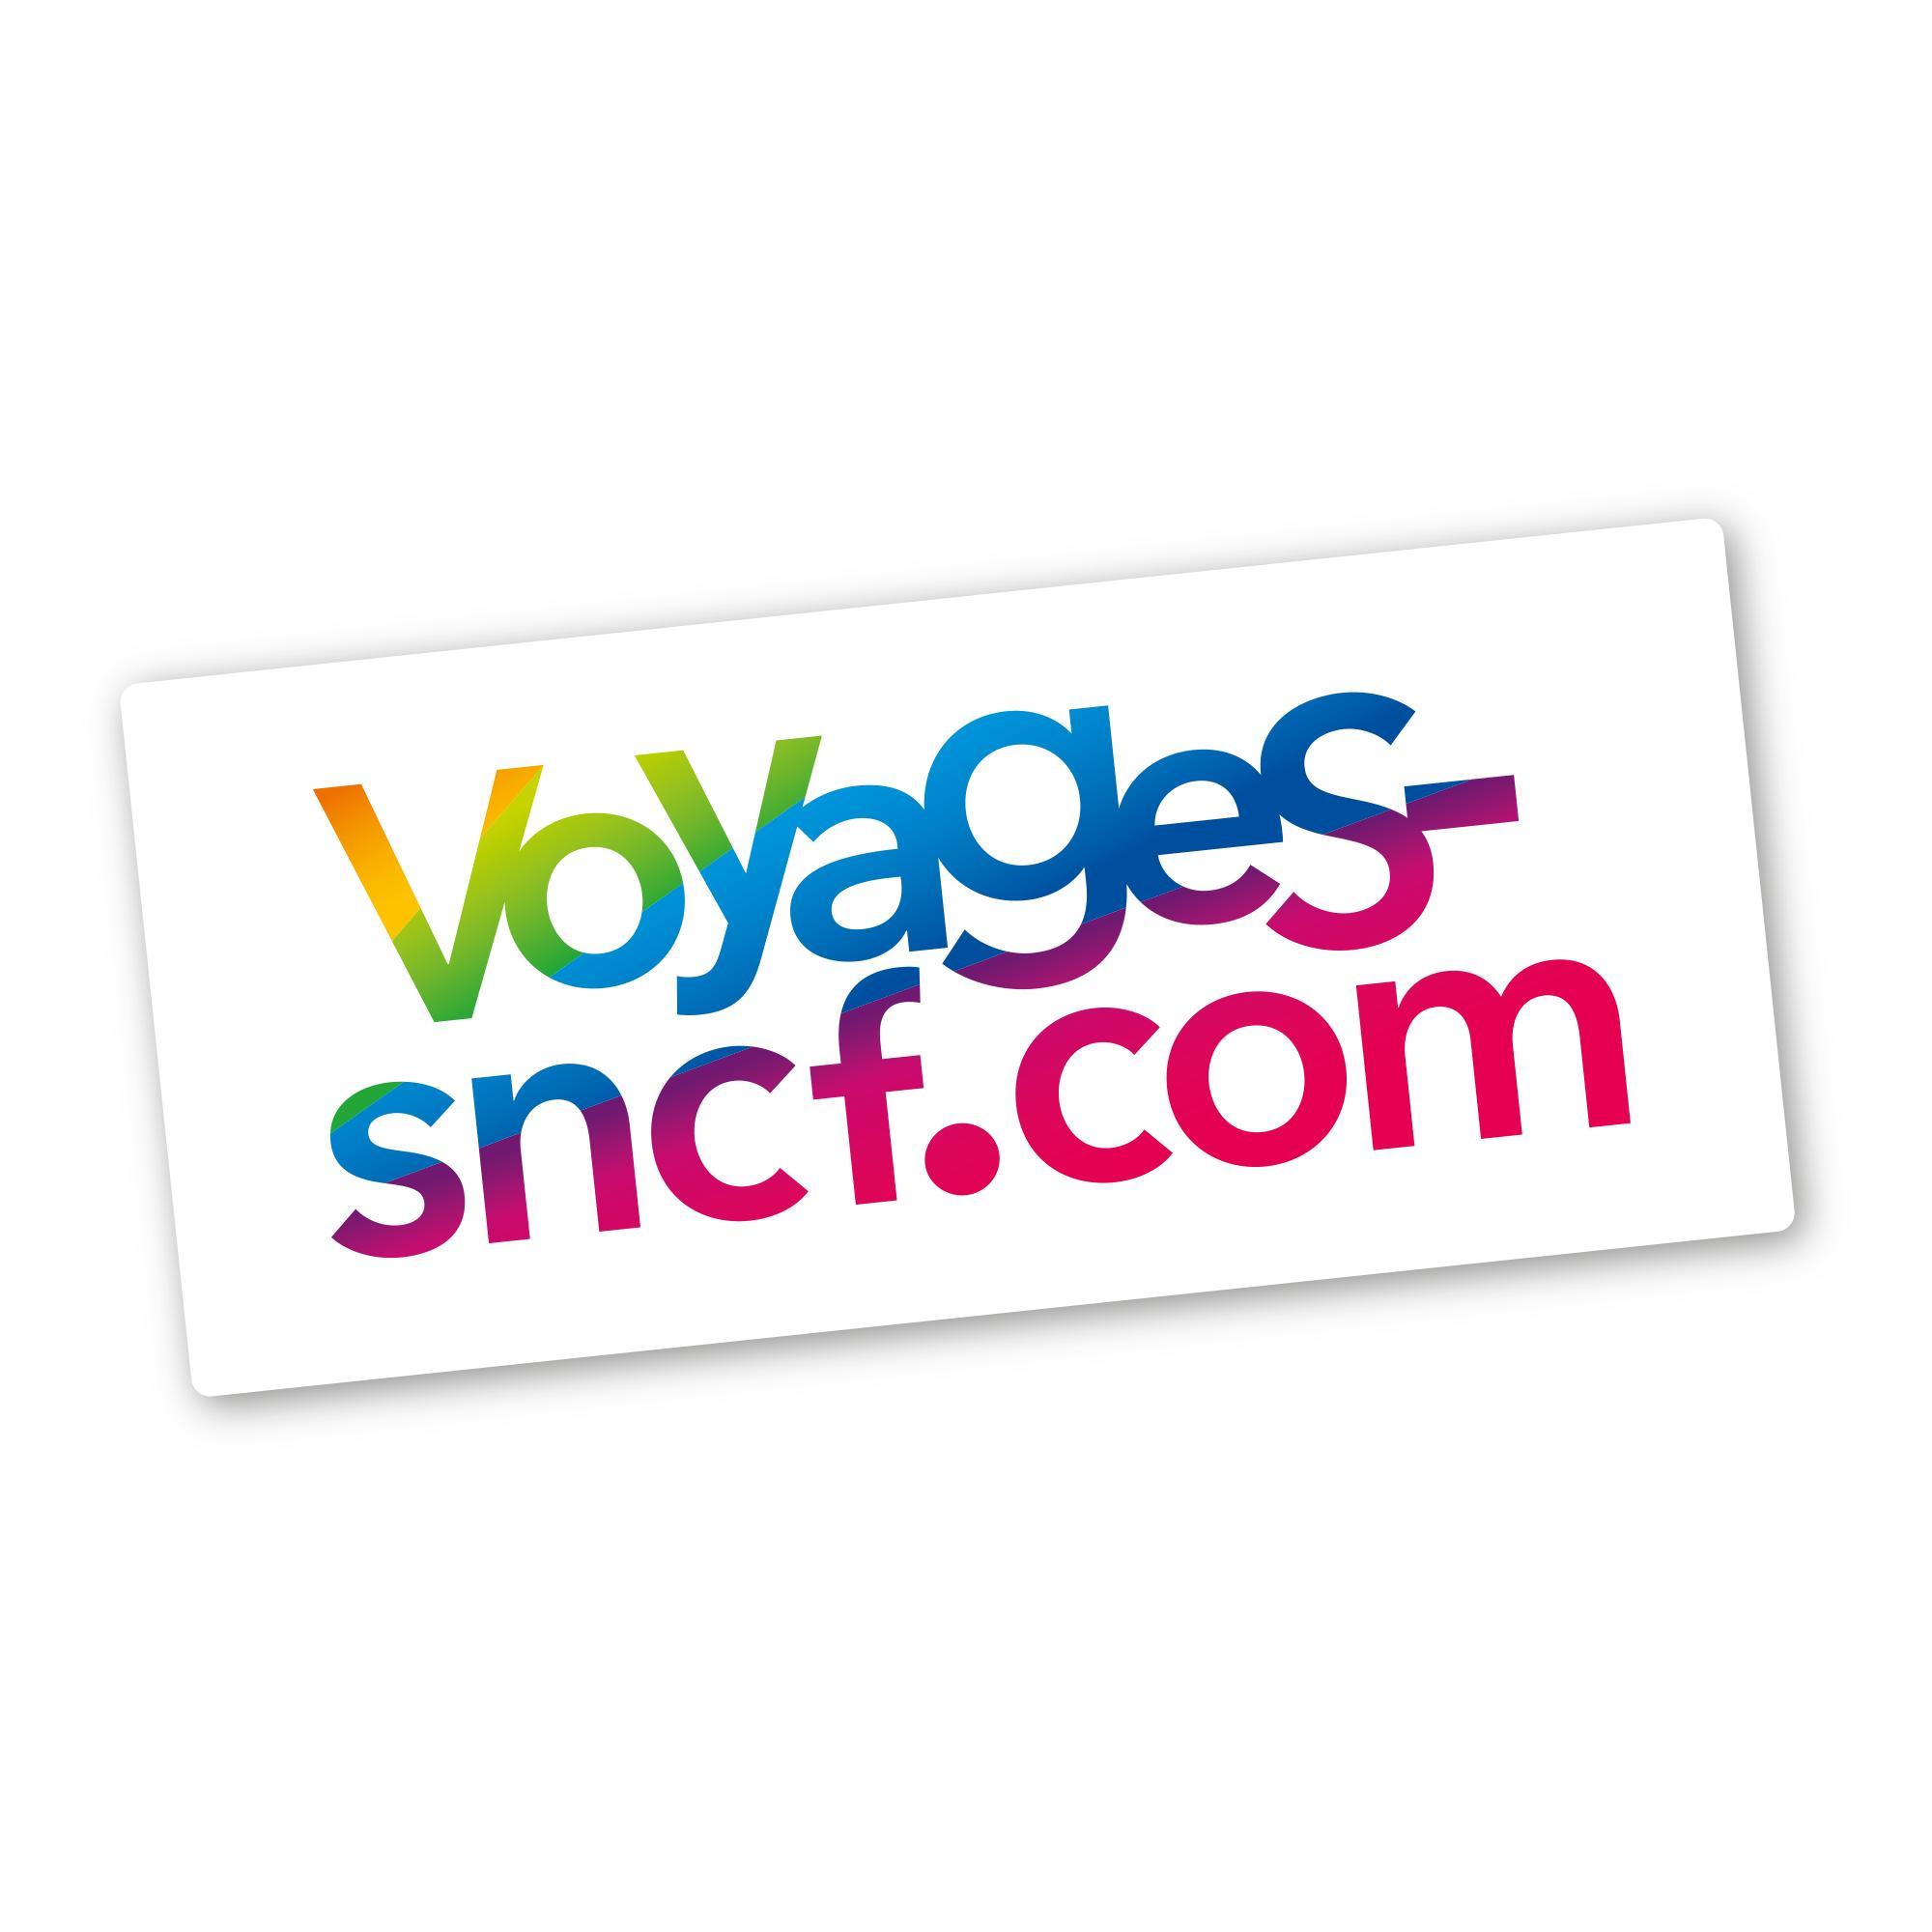 Sélection de billets TGV vers l'Allemagne du 19 juin au 30 septembre 2017 en promo  - Ex : Aller simple Paris - Munich